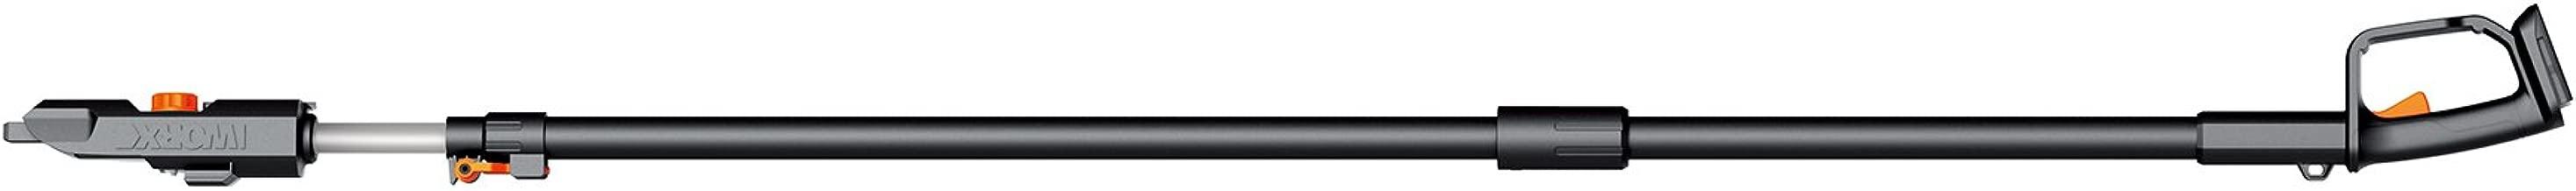 WORX WA0167 Cordless Extension Pole